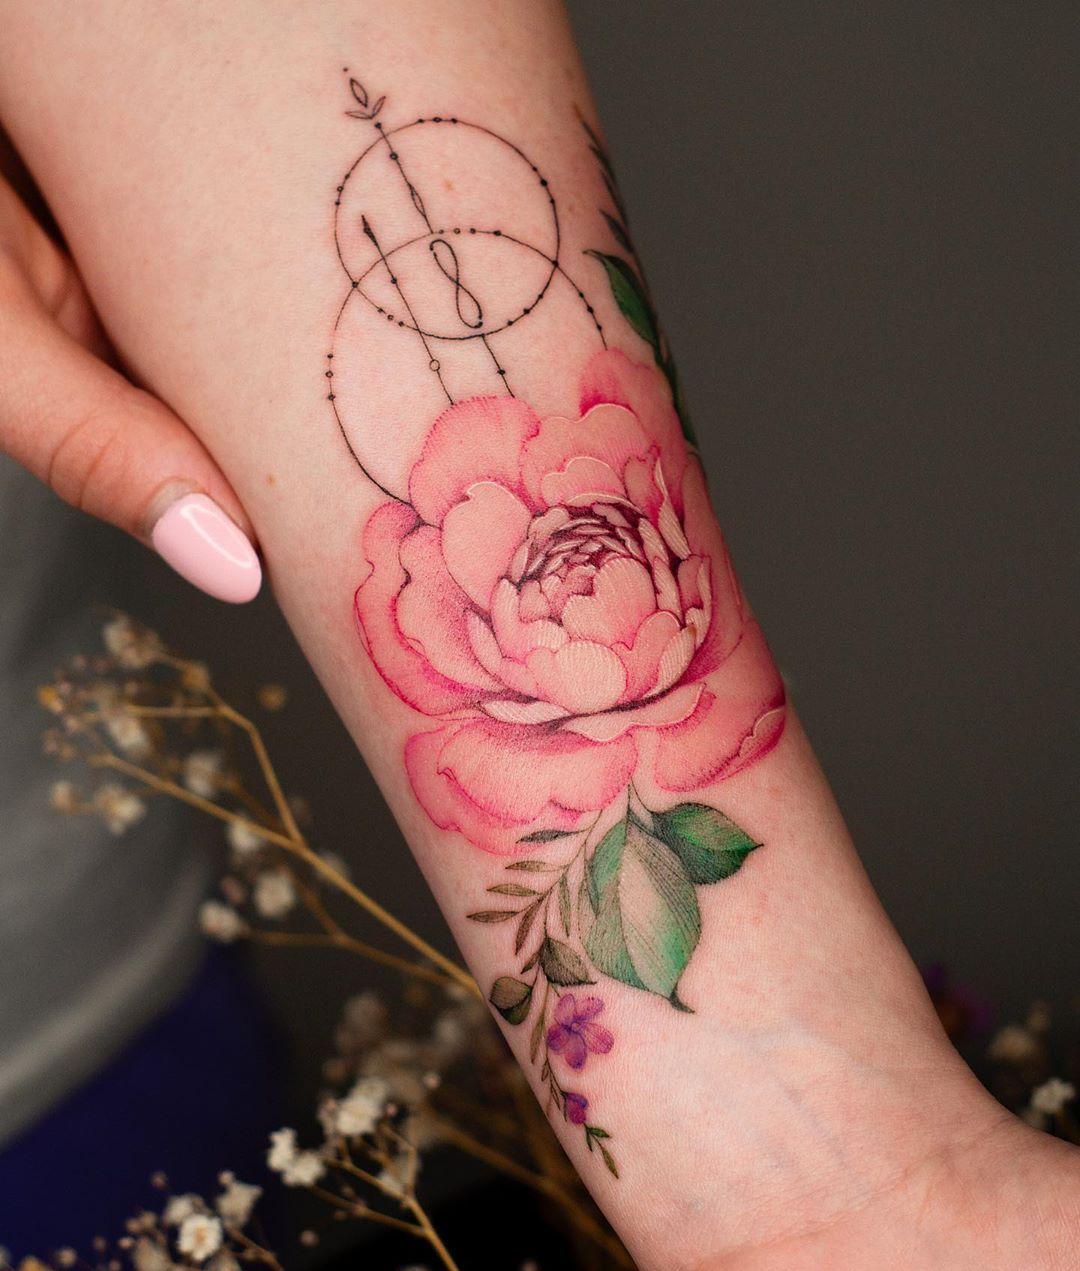 Anna Botyk в Instagram: «Пион 💖 . Made with the support of @tattoofixcare 🌸 . #tattoo #tattooart #tattooedgirl #tattooistartmag #tattooedlife #tattoolove…»